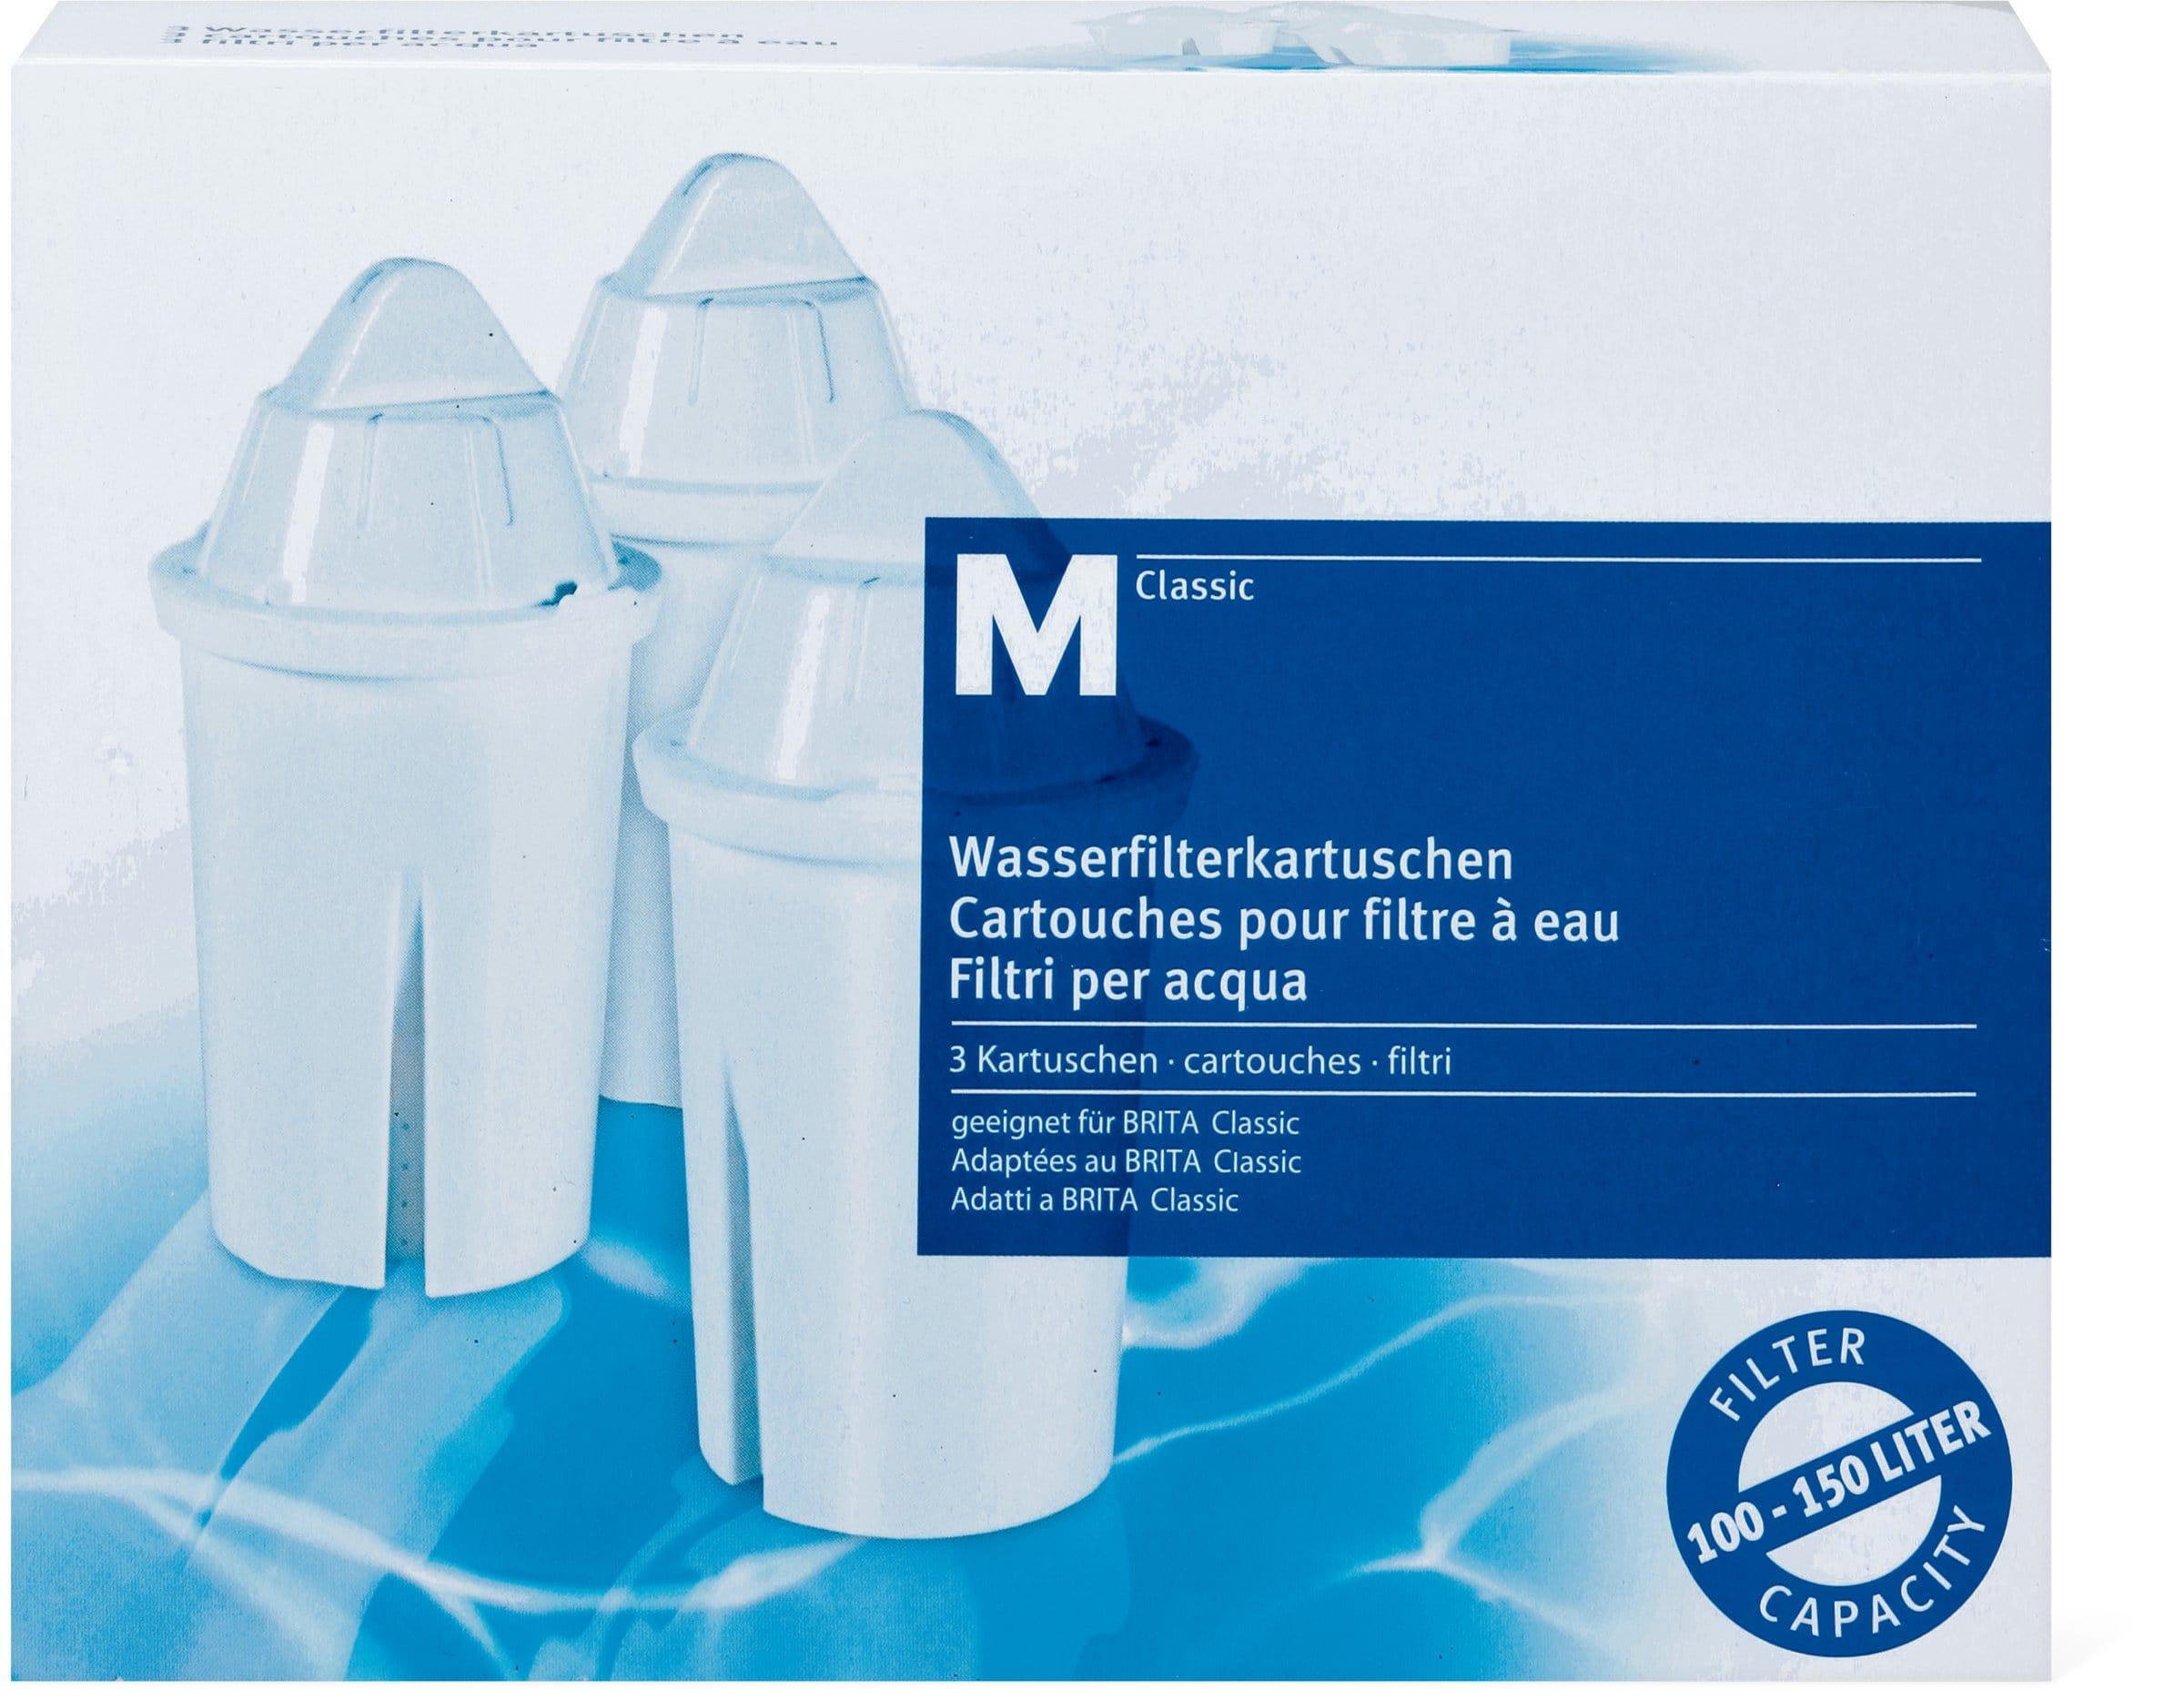 M-Classic Wasserfilterkartuschen